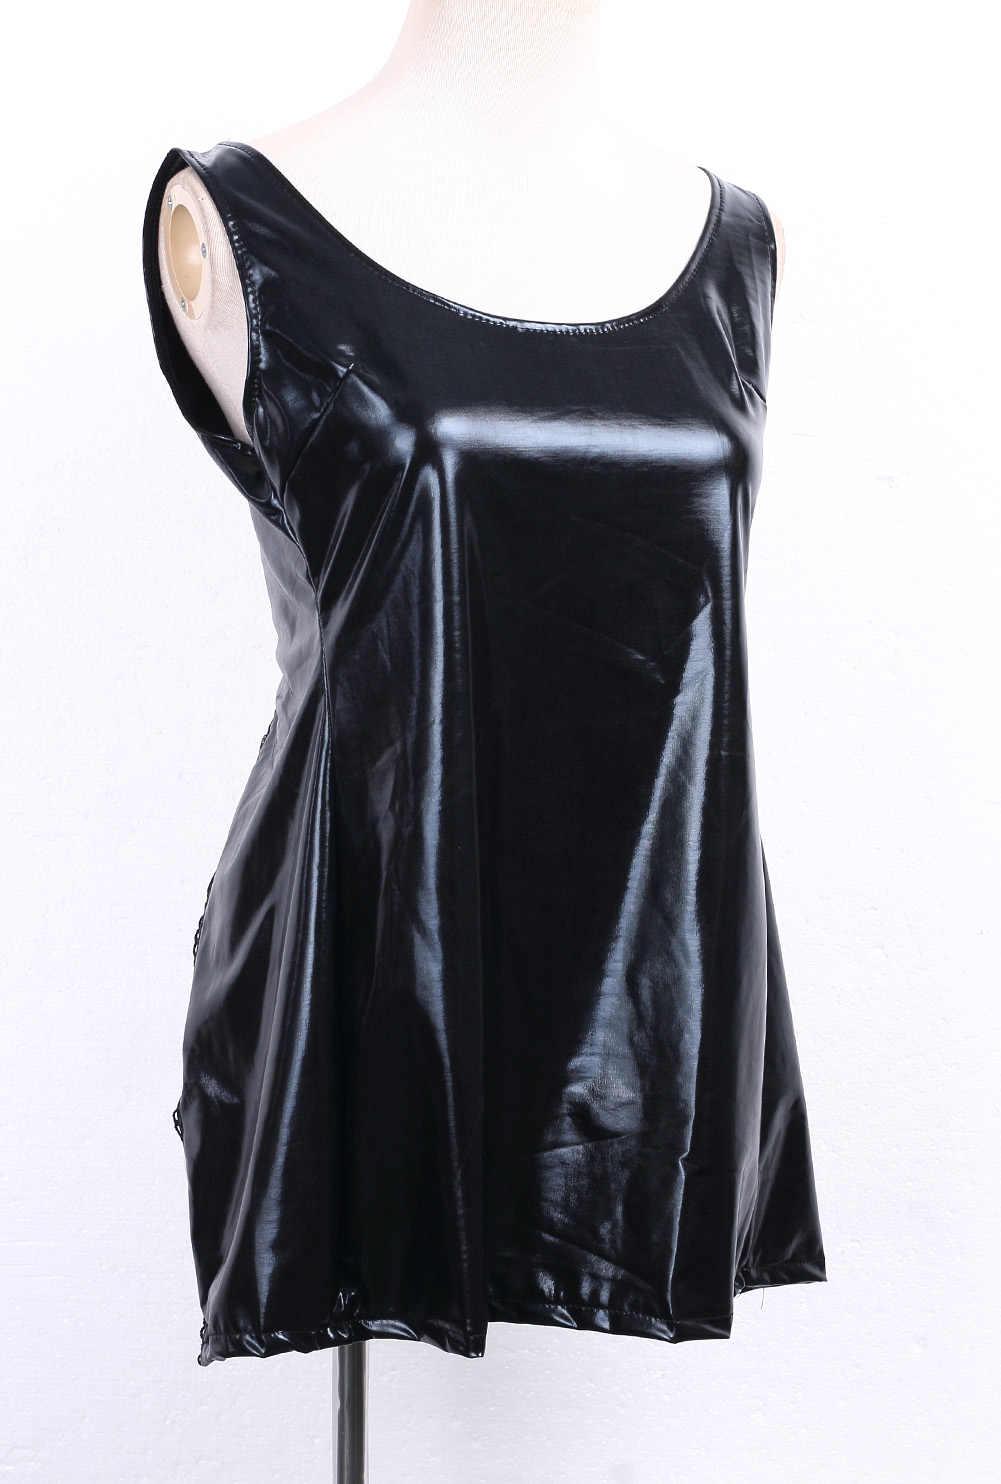 Gợi Cảm PVC Giả Da Câu Lạc Bộ Đầm Băng Mini Đầm Nữ Đen Clubwear Phối Ren Ướt Nhìn Clubwear Bán Buôn